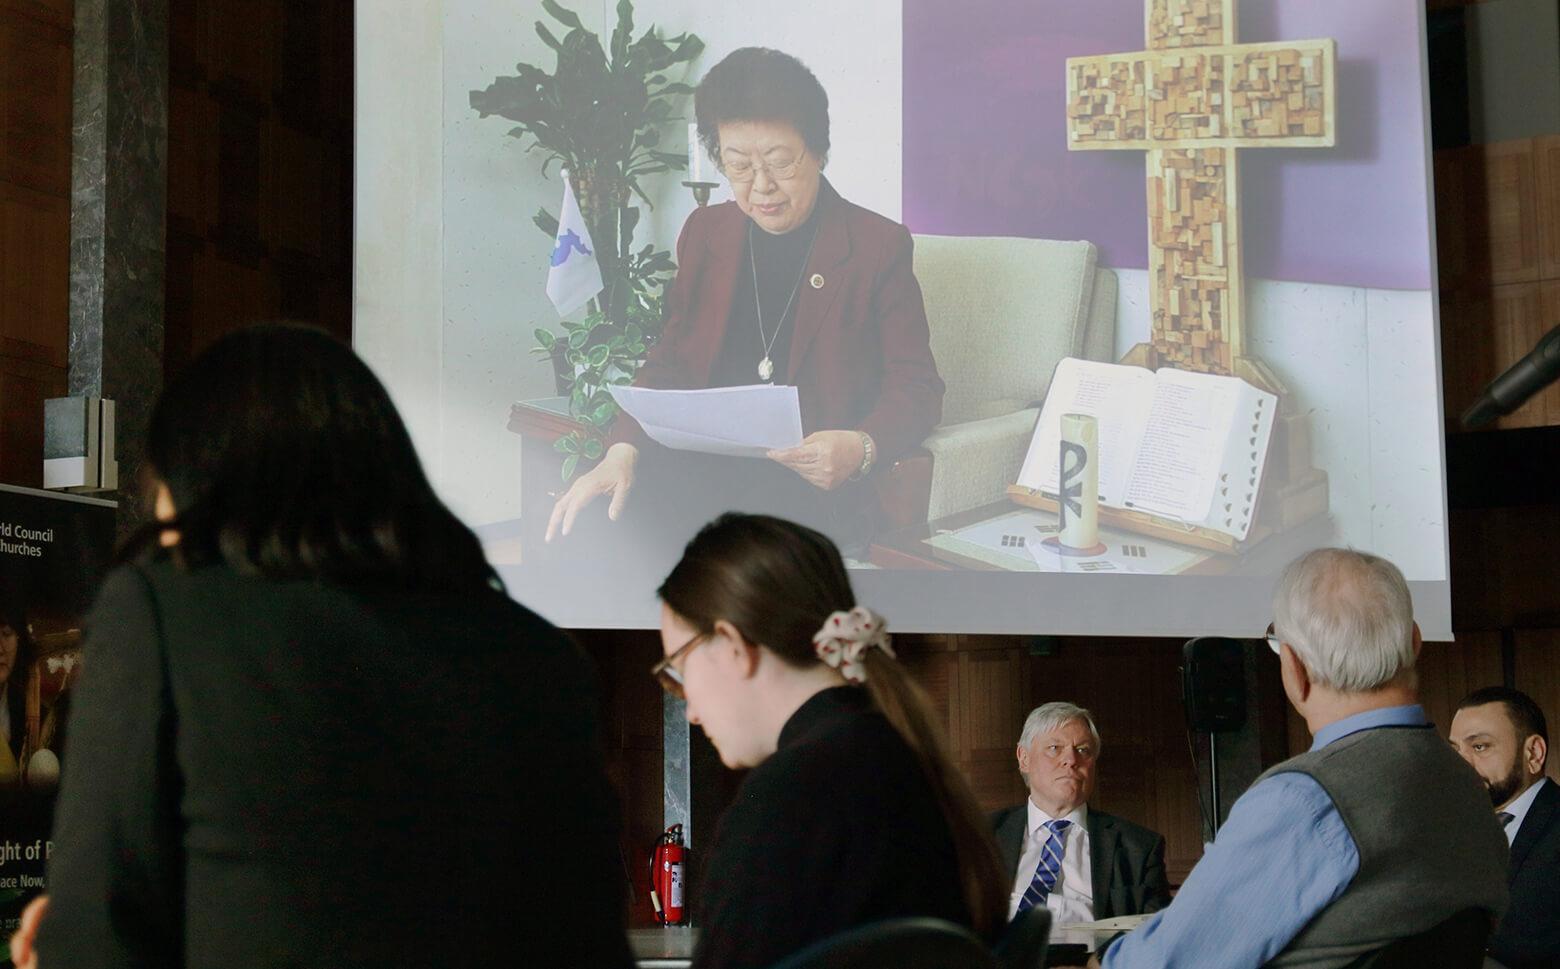 """Del 1 de marzo al 15 de agosto de 2020 se realizará una campaña mundial de oración por la paz en la Península de Corea, invitando a cientos de miles de personas en todo el mundo a decir:"""" ¡Oramos, por la paz y el fin de la guerra!. La campaña comenzó el 6 de febrero con un evento transmitido en vivo organizado por el Consejo Mundial de Iglesias (CMI) en Ginebra, con los eventos correspondientes el mismo día en Washington y Seúl. Foto de Ivars Kupcis, CMI."""